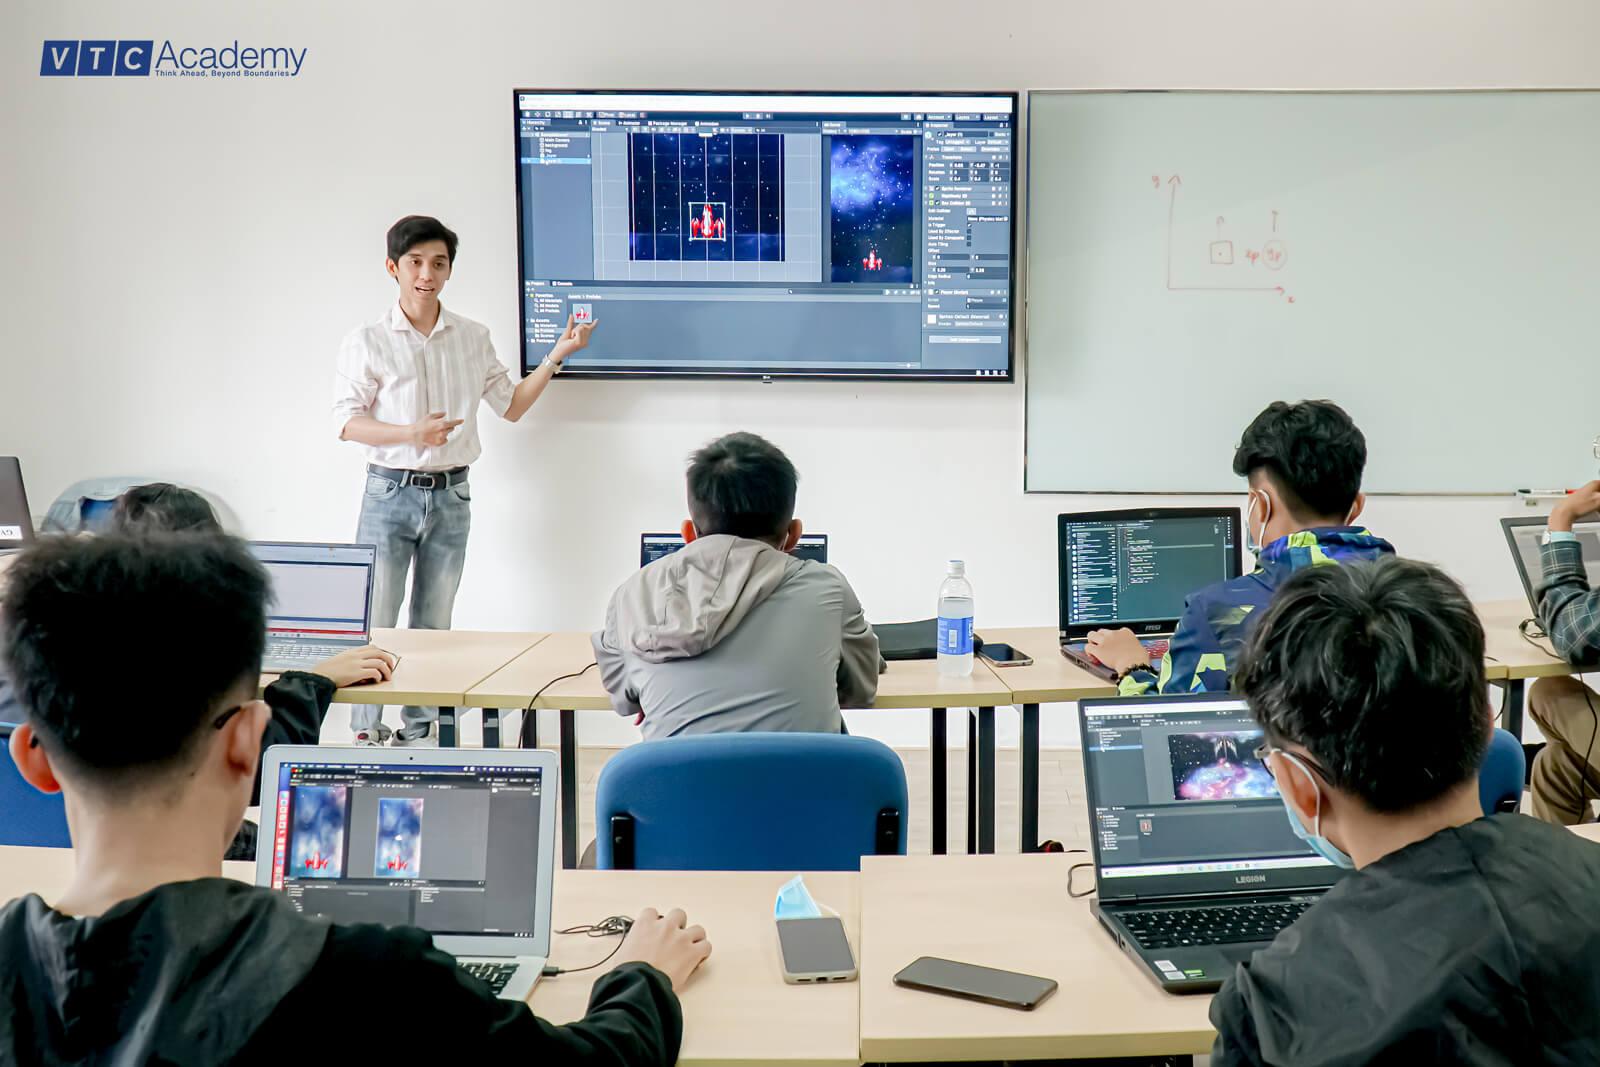 ai-bootcamp-vtc-academy-8